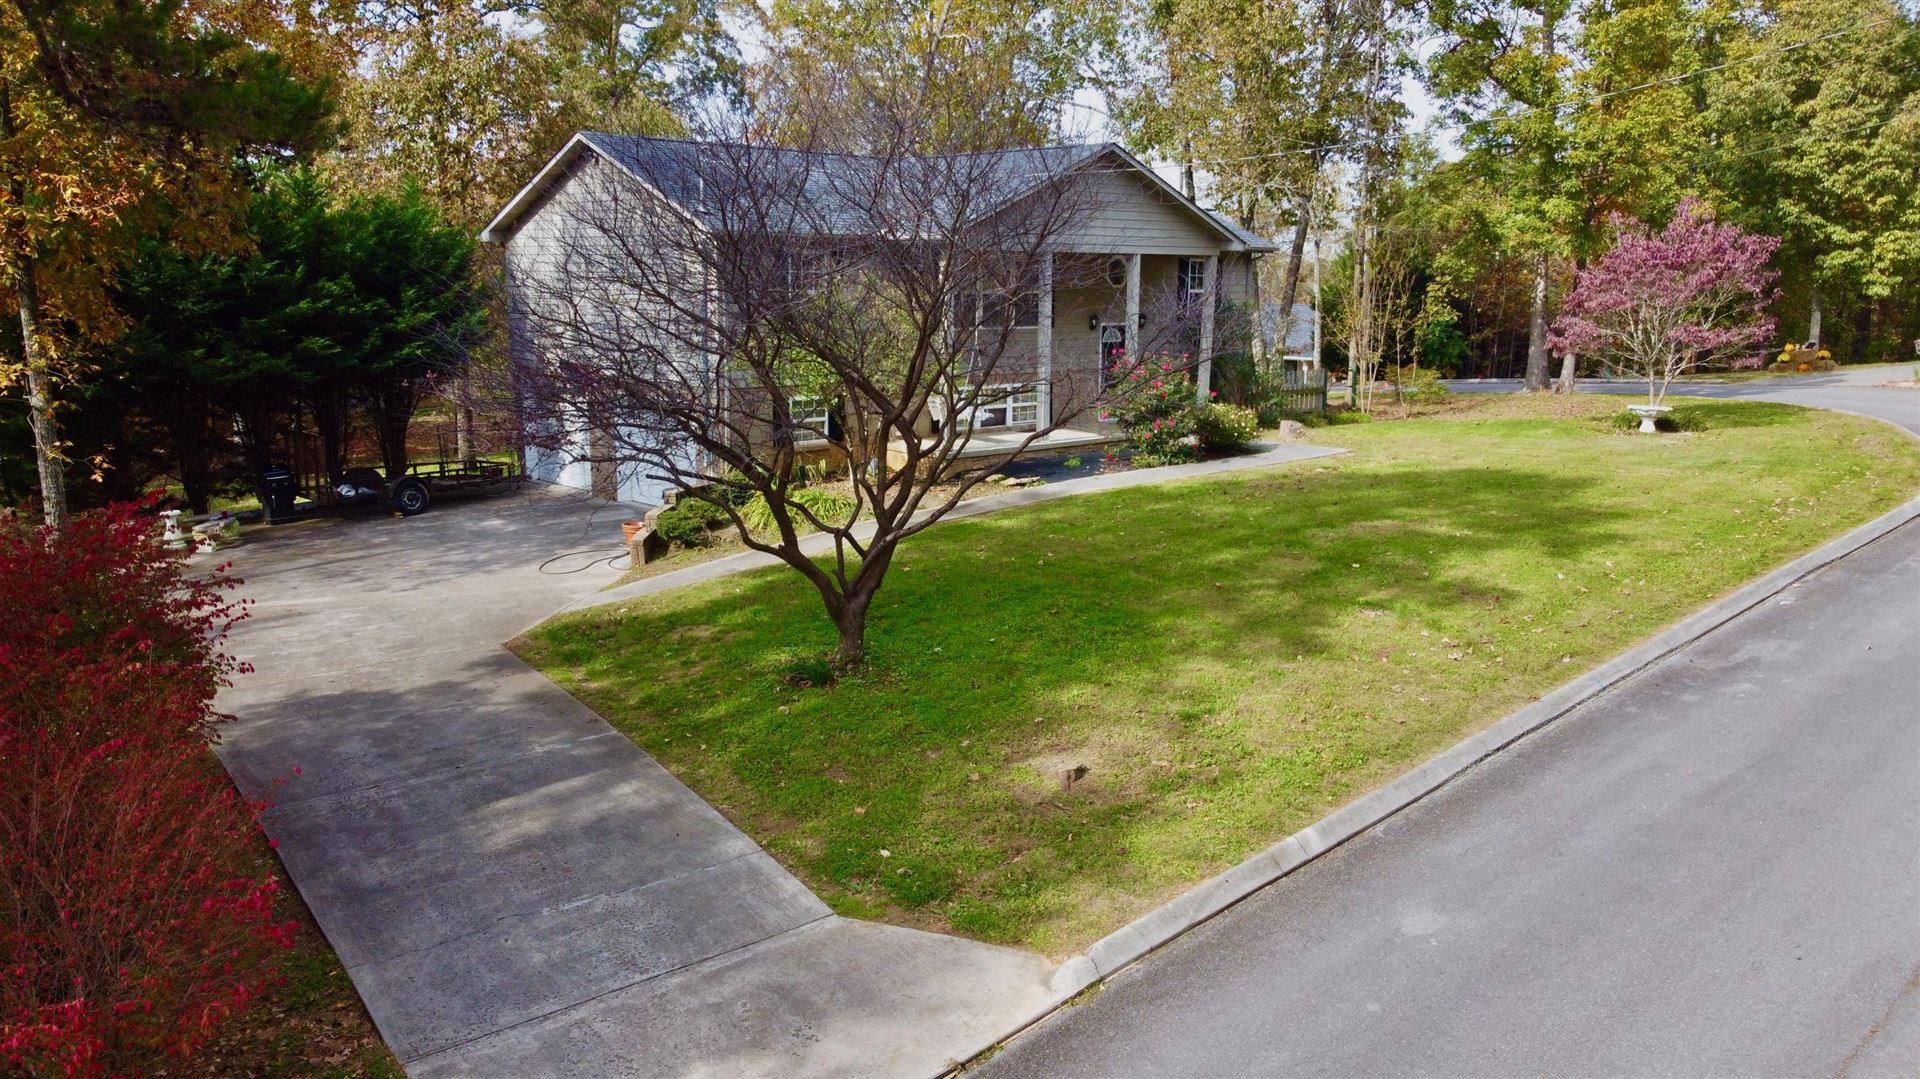 Photo of 645 Water Oak Drive, Seymour, TN 37865 (MLS # 1135277)